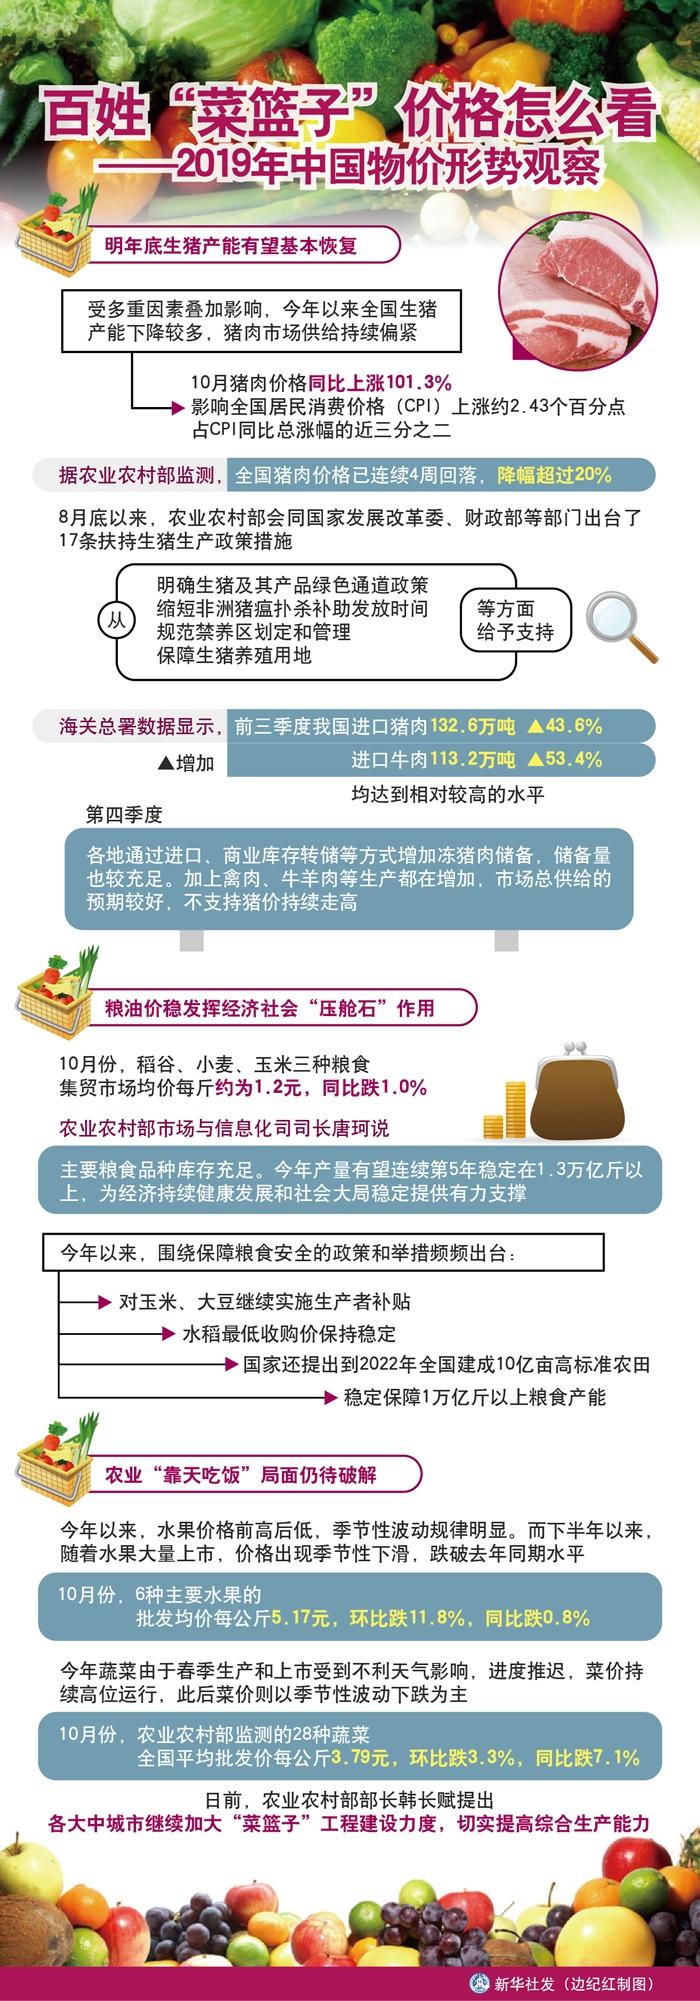 肉价飞涨,百姓菜篮子价格怎么看2019年中国物价形势观察